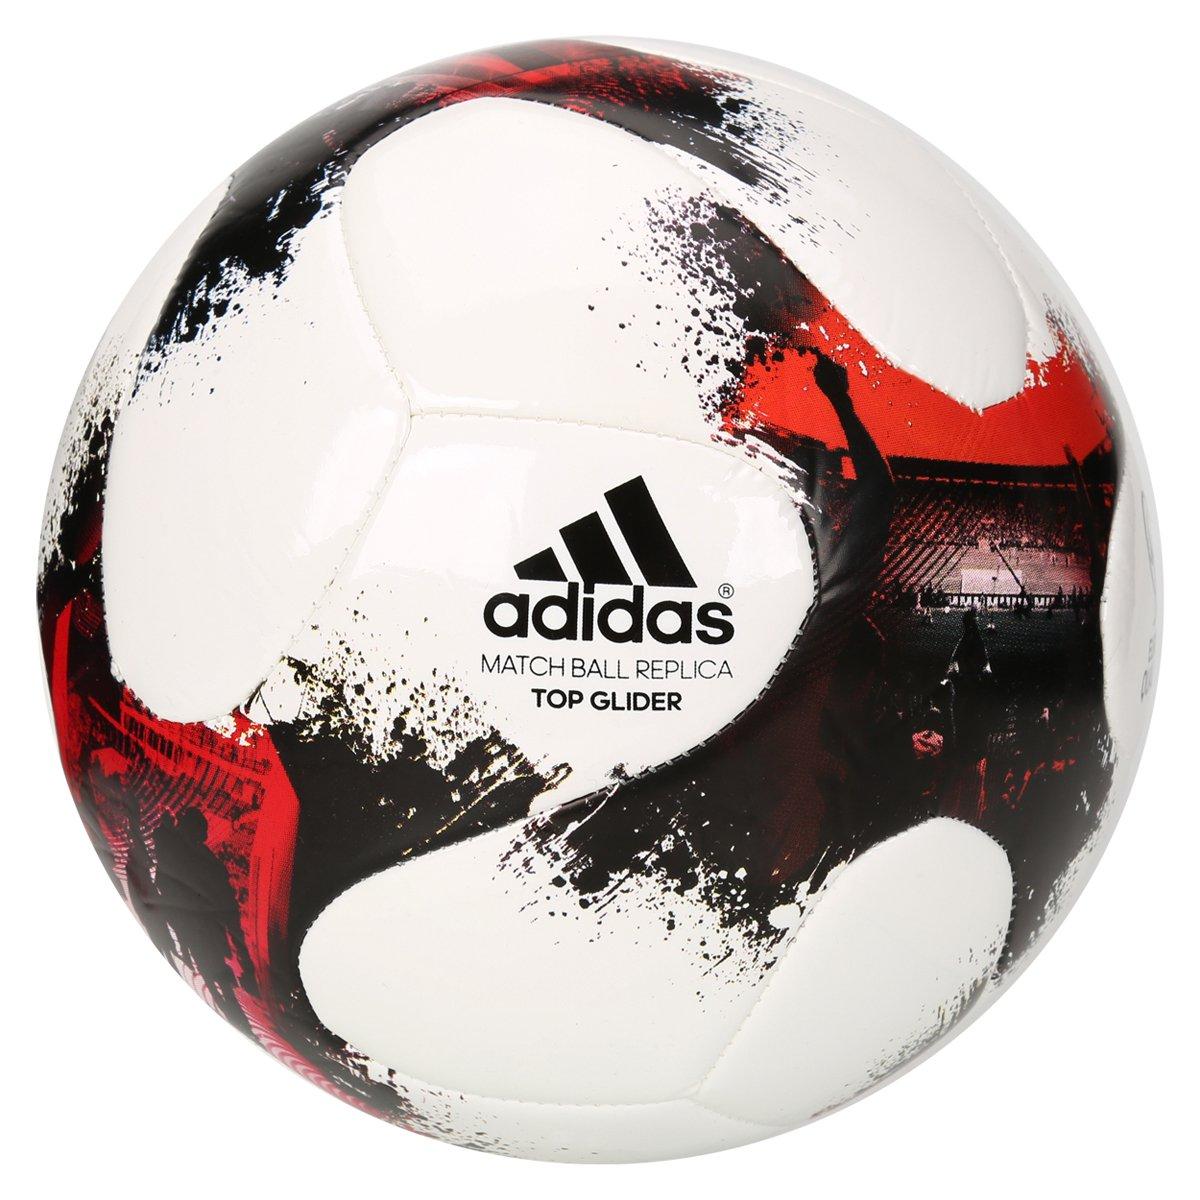 bcbdfad223c94 Bola Futebol Campo Adidas Europa Eliminatórias Top Glider Réplica - Compre  Agora